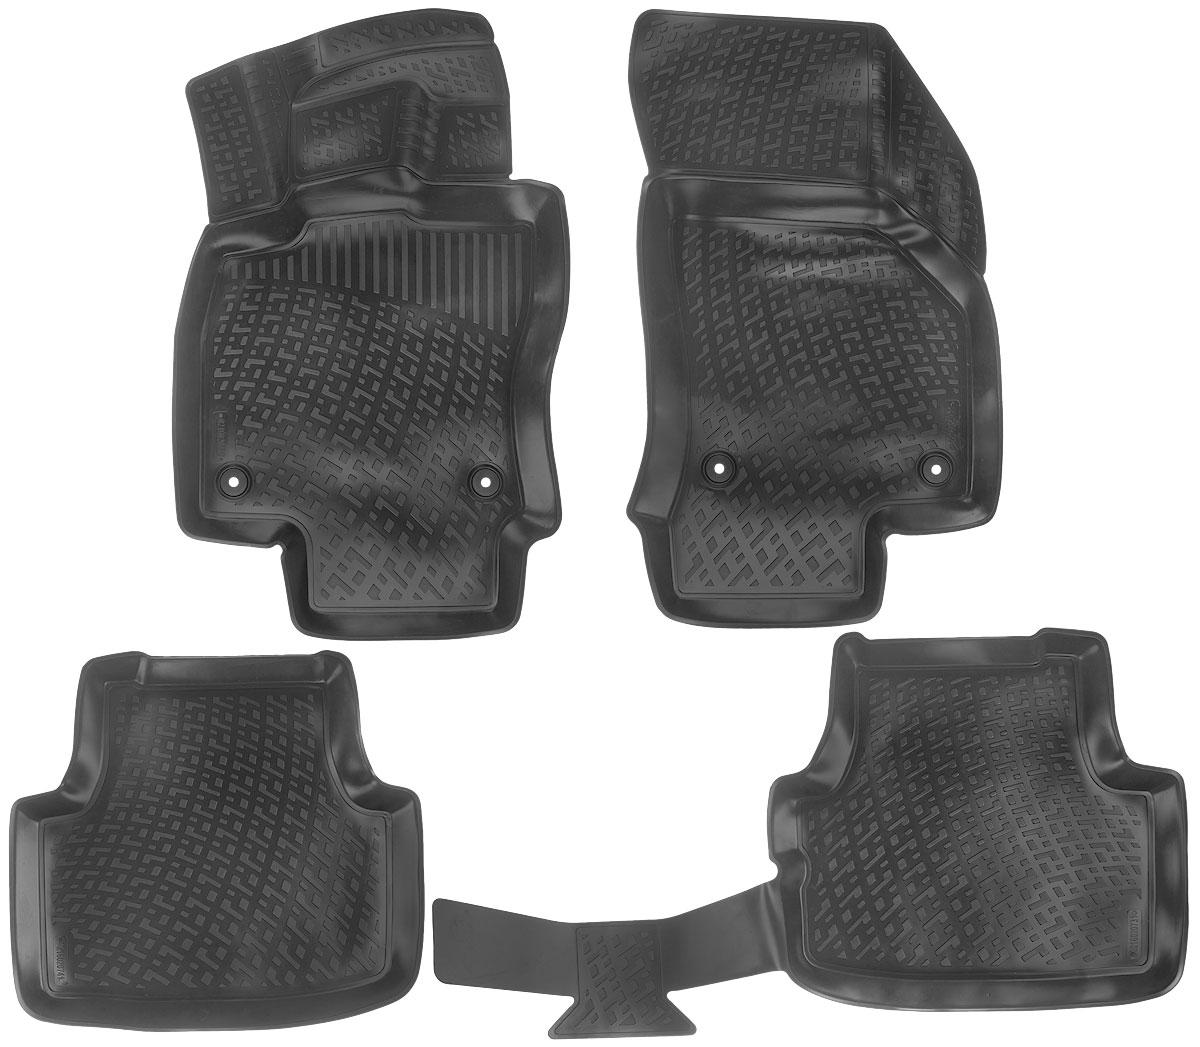 Набор автомобильных ковриков L.Locker Skoda Octavia (3) 2013, в салон, 4 штCA-3505Набор L.Locker Skoda Octavia (3) 2013, изготовленный из полиуретана, состоит из 4 антискользящих 3D ковриков, которые производятся индивидуально для каждой модели автомобиля. Изделие точно повторяет геометрию пола автомобиля, имеет высокий борт, обладает повышенной износоустойчивостью, лишено резкого запаха и сохраняет свои потребительские свойства в широком диапазоне температур от -50°С до +50°С.Комплектация: 4 шт.Размер ковриков: 85 см х 50 см; 87 см х 55 см; 57 см х 53 см; 106 см х 52 см.